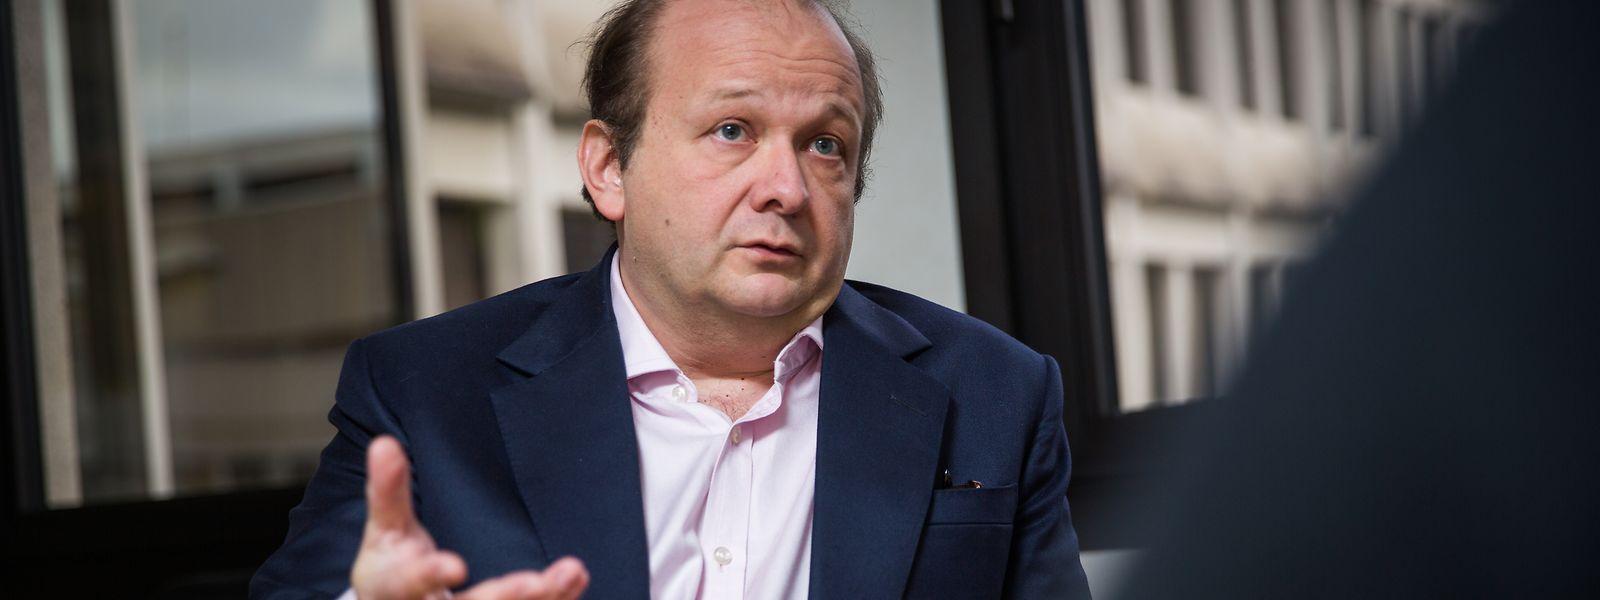 Die Inhaftierung von Frank Schneider in Frankreich hat Auswirkungen auf den SREL-Berufungsprozess.